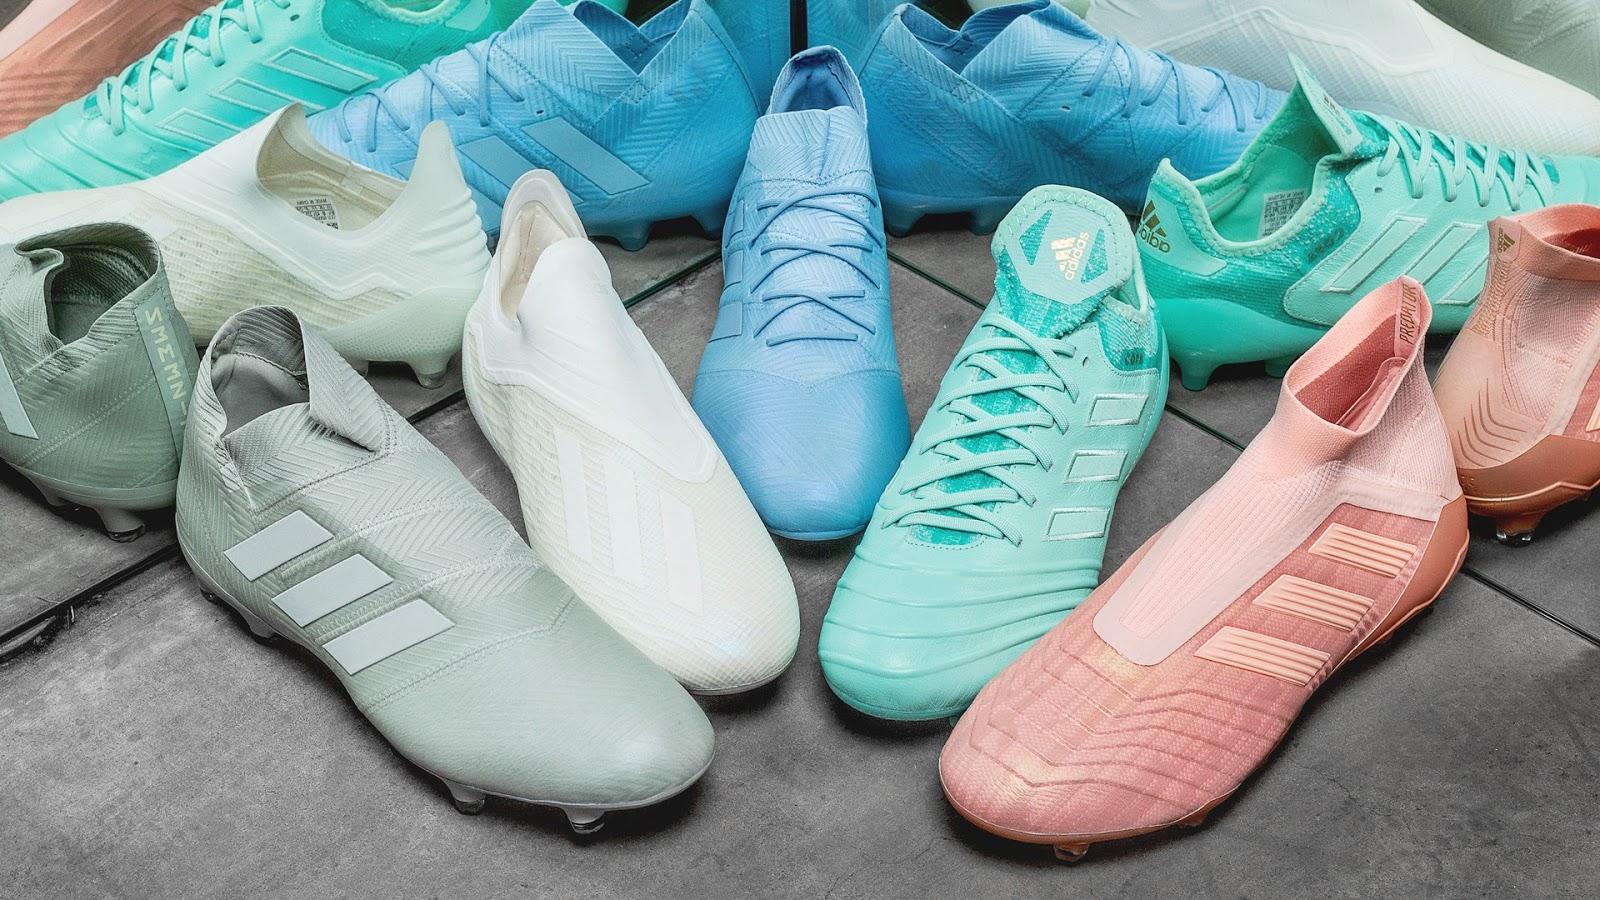 Giày bóng đá không dây Adidas thường được sản xuất với nhiều phân khúc khác nhau